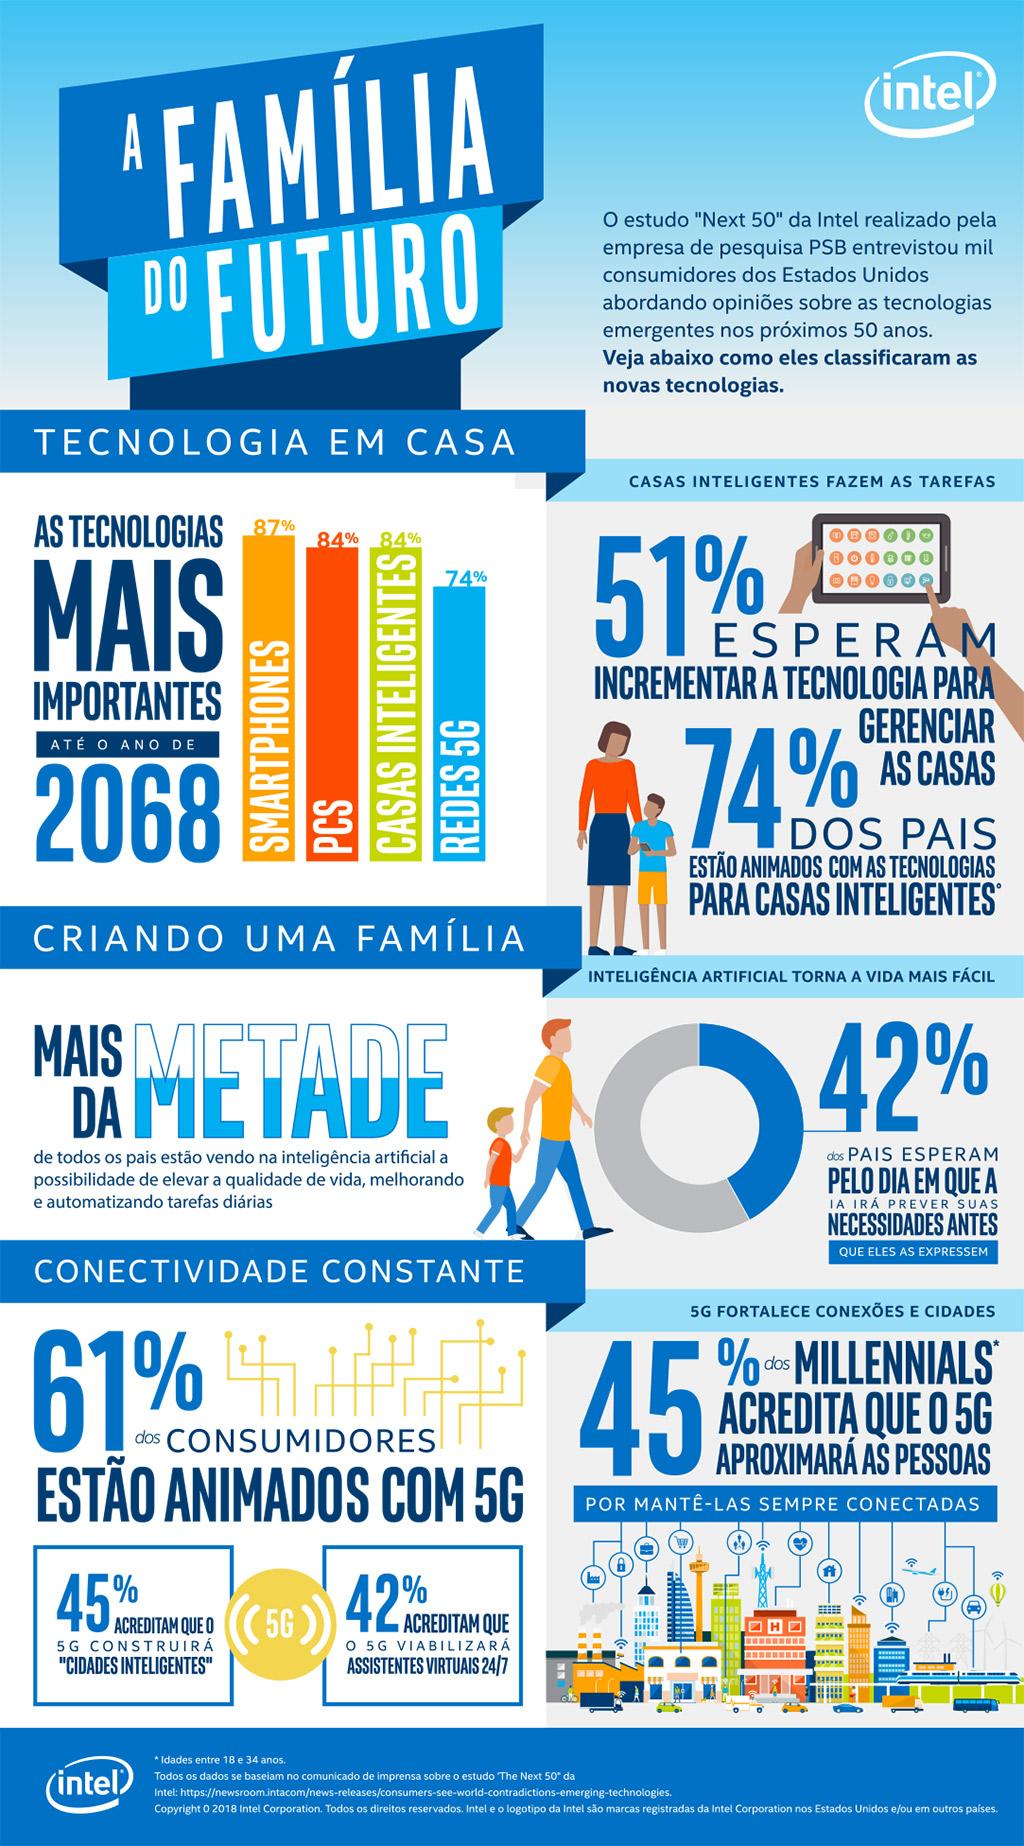 Estudo da Intel mostra o que as pessoas esperam da tecnologia para 2068